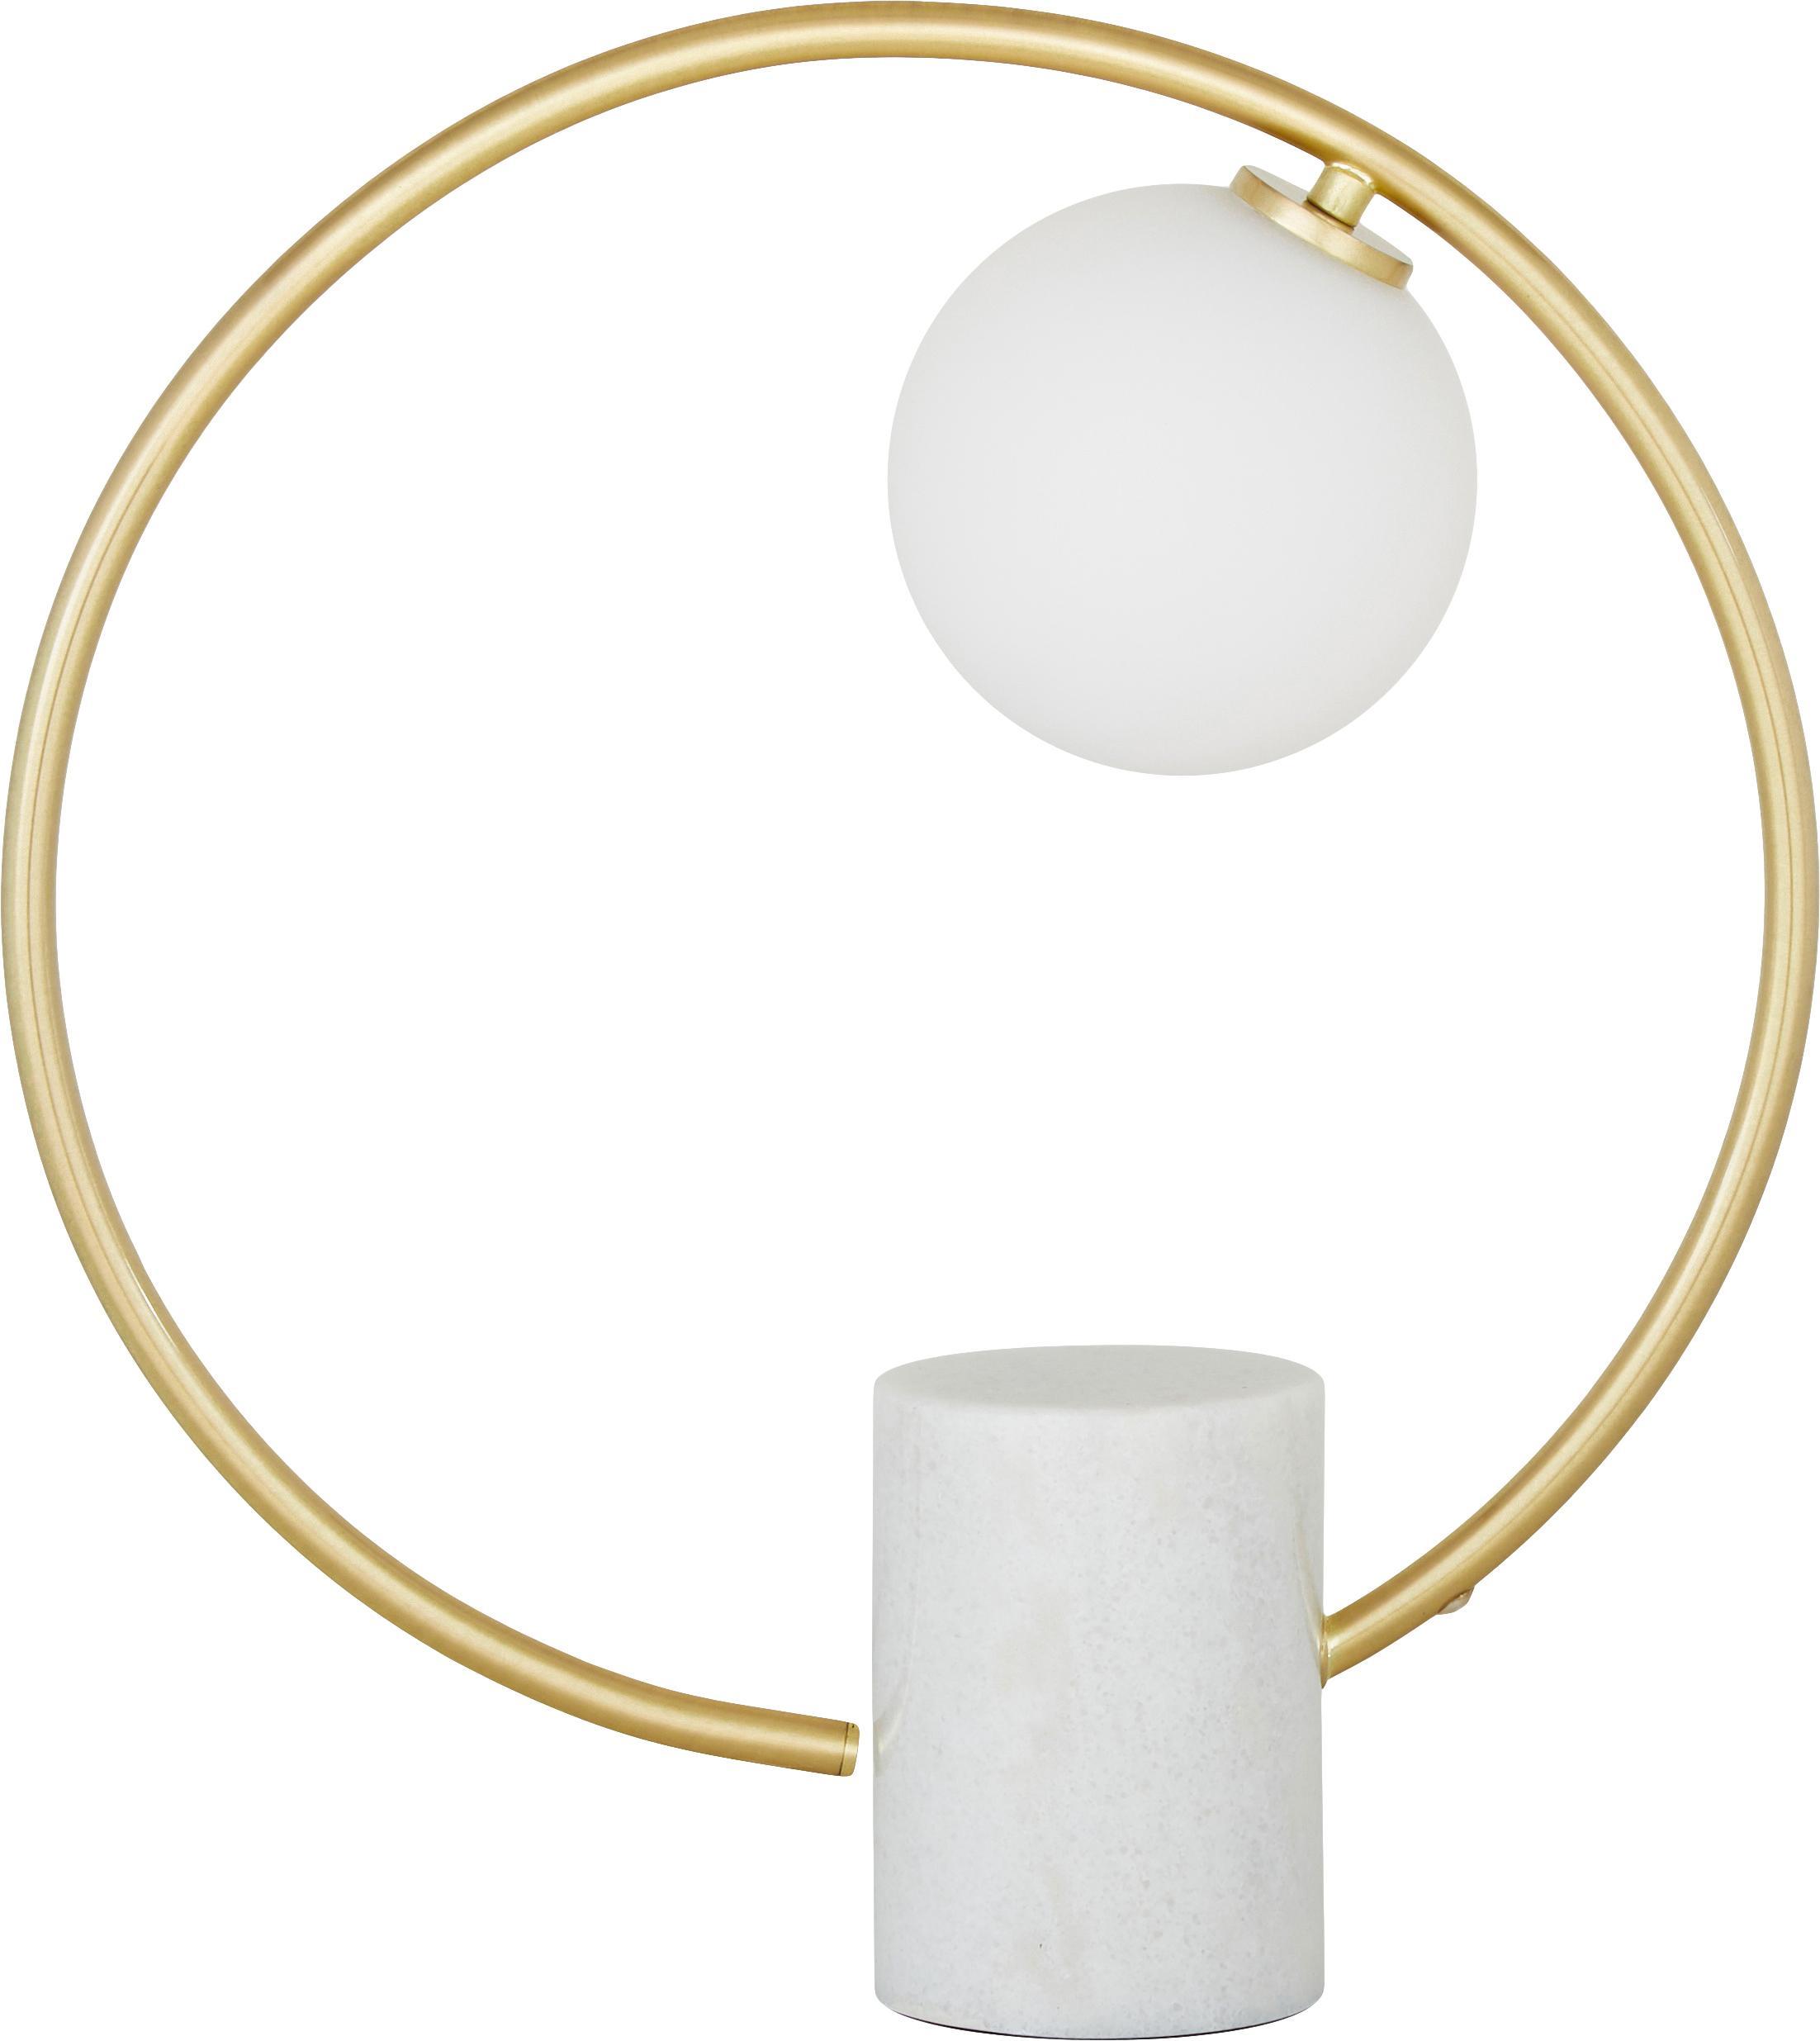 Lampada da tavolo Soho, Paralume: vetro, Base della lampada: marmo, possibili variazio, Struttura: metallo ottonato, Bianco ottonato, Larg. 40 x Alt. 42 cm